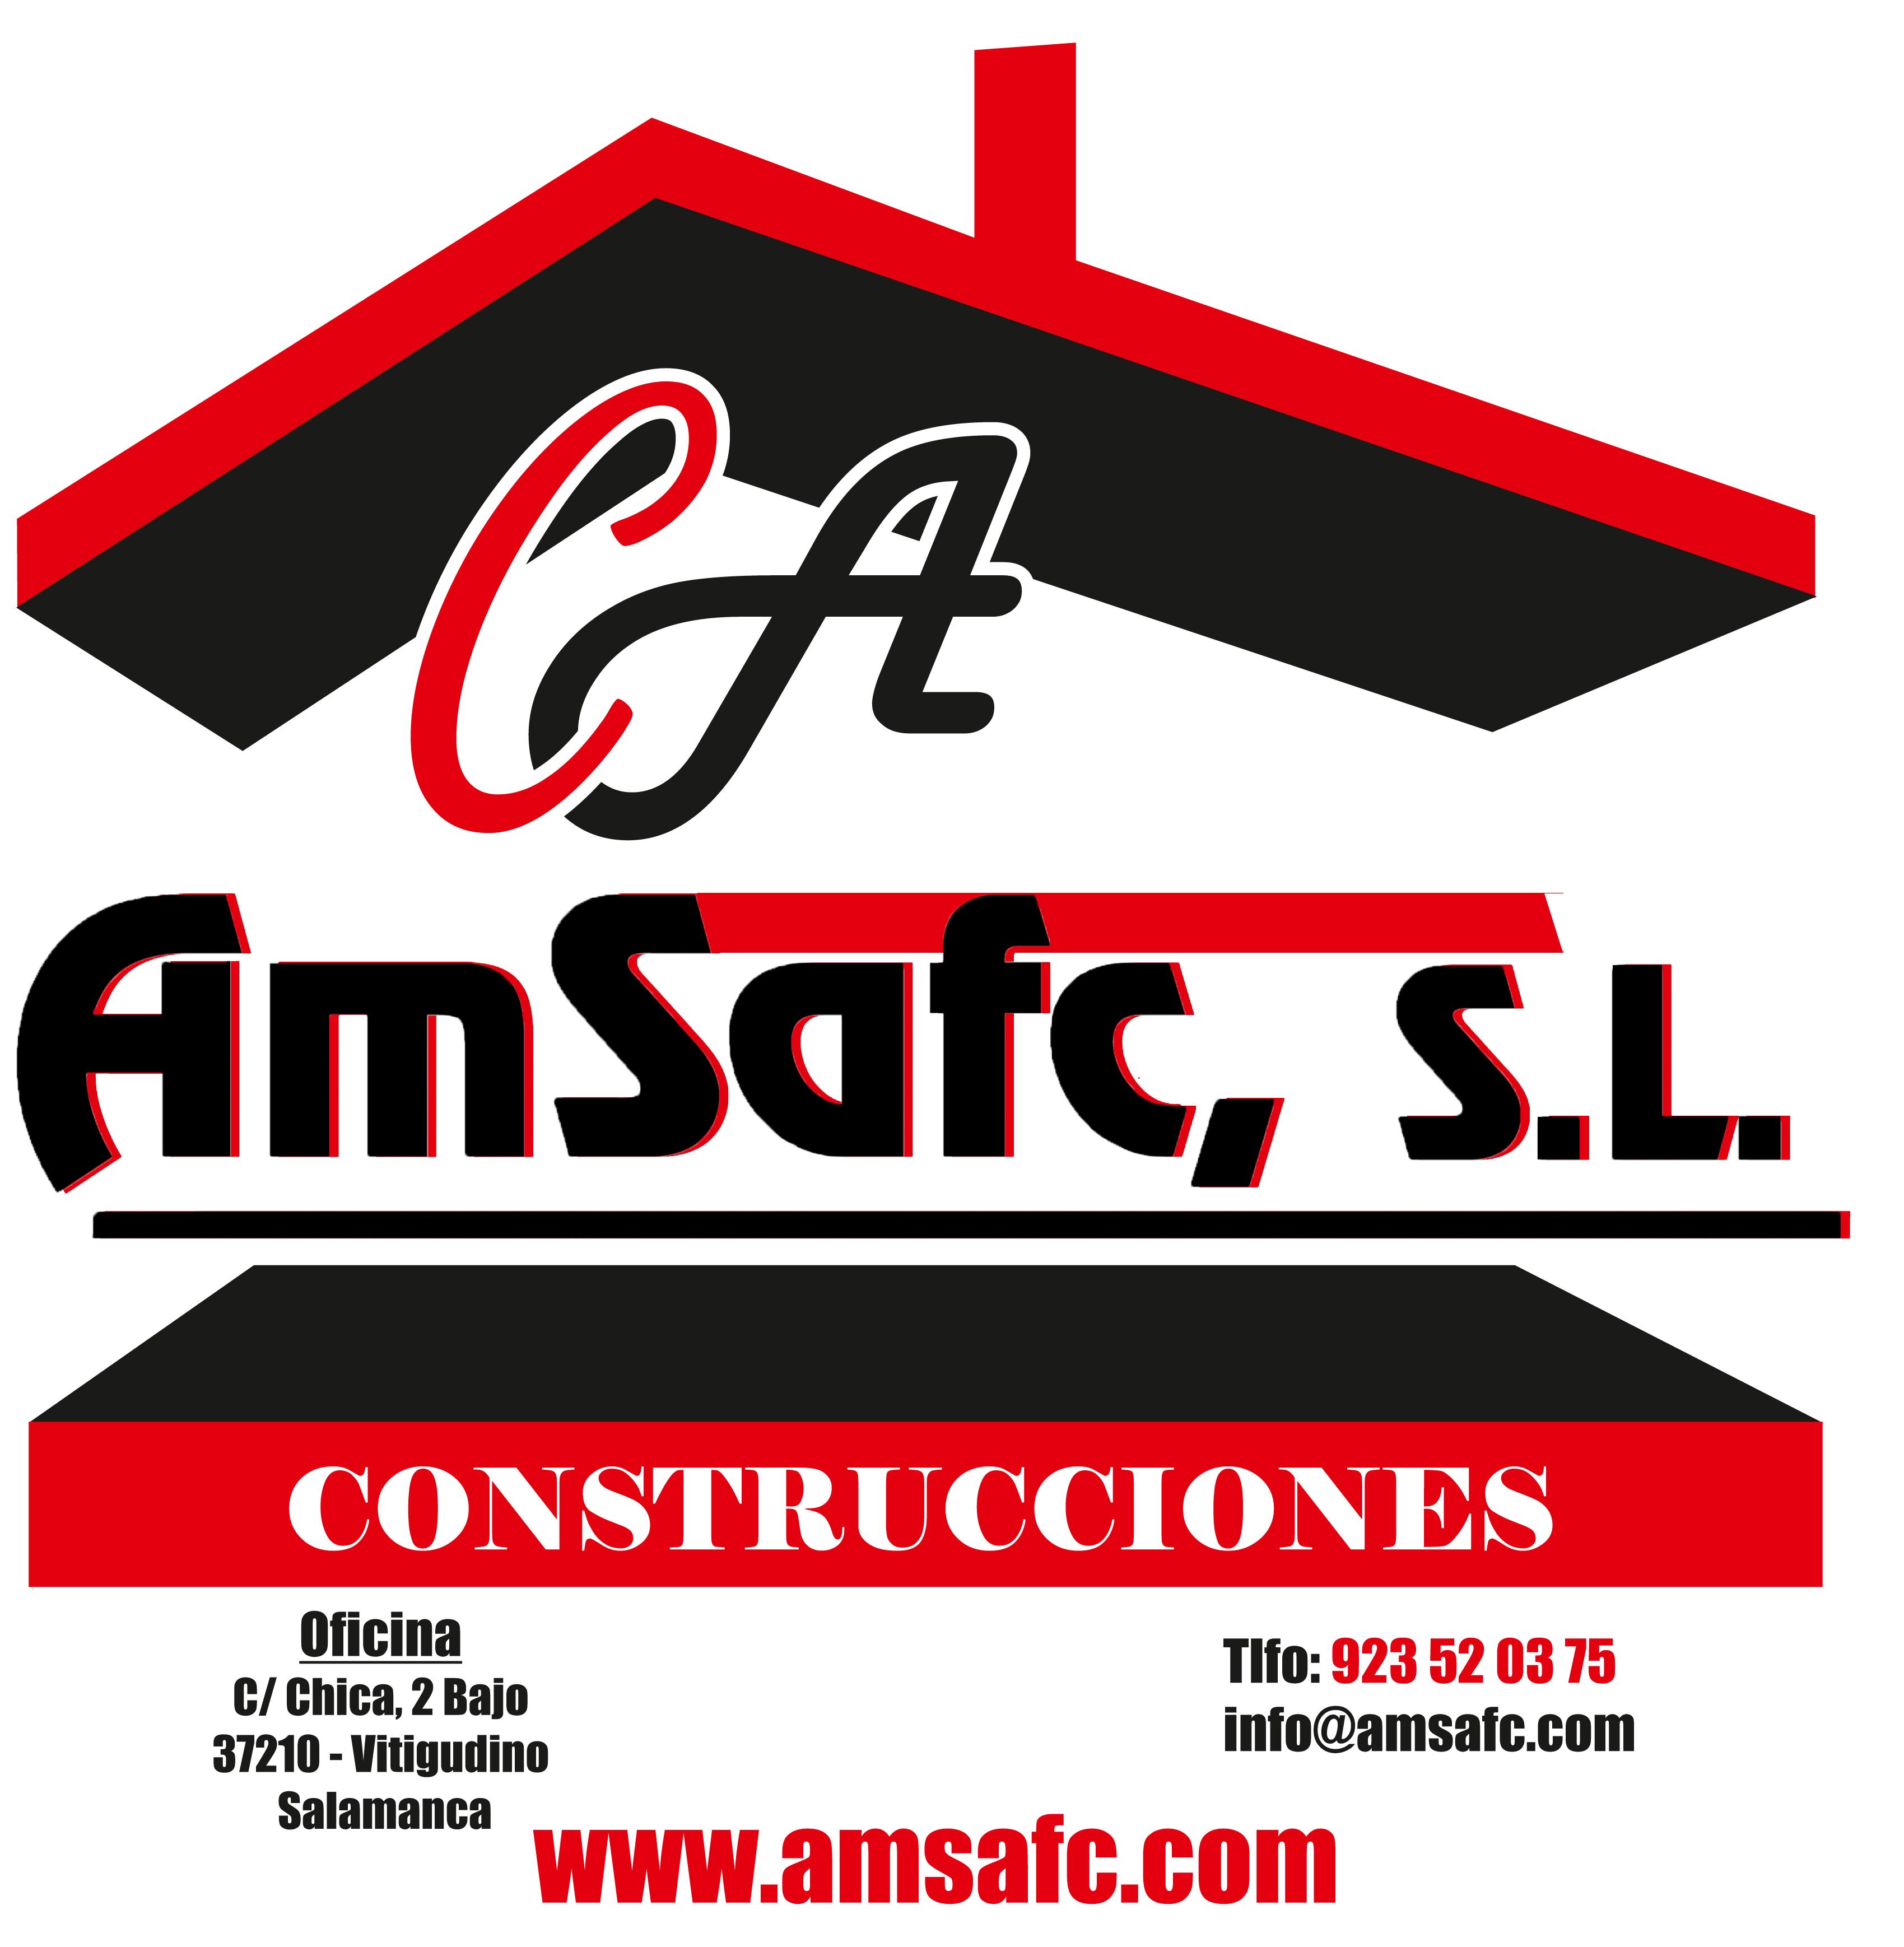 Construcciones A.m.s.a.f.c.